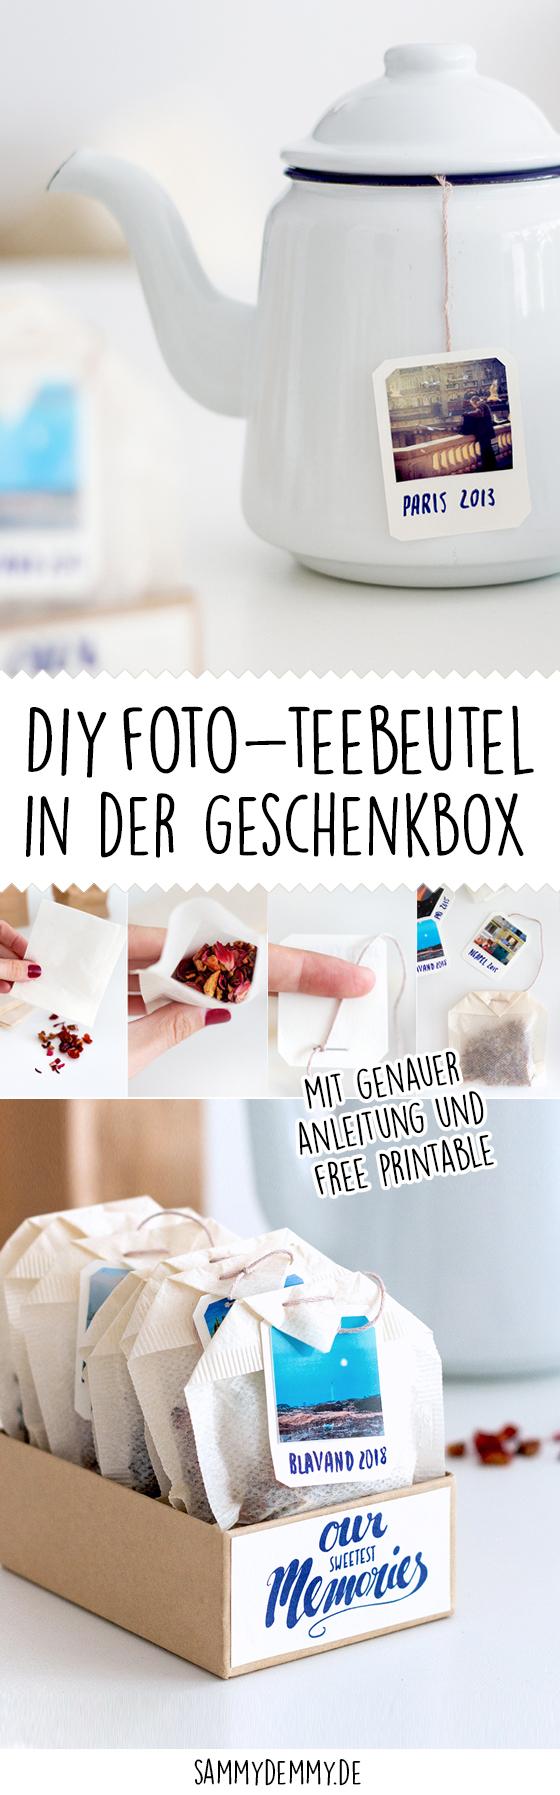 Diy tasse und teebeutel als foto geschenk - Fotogeschenke diy ...